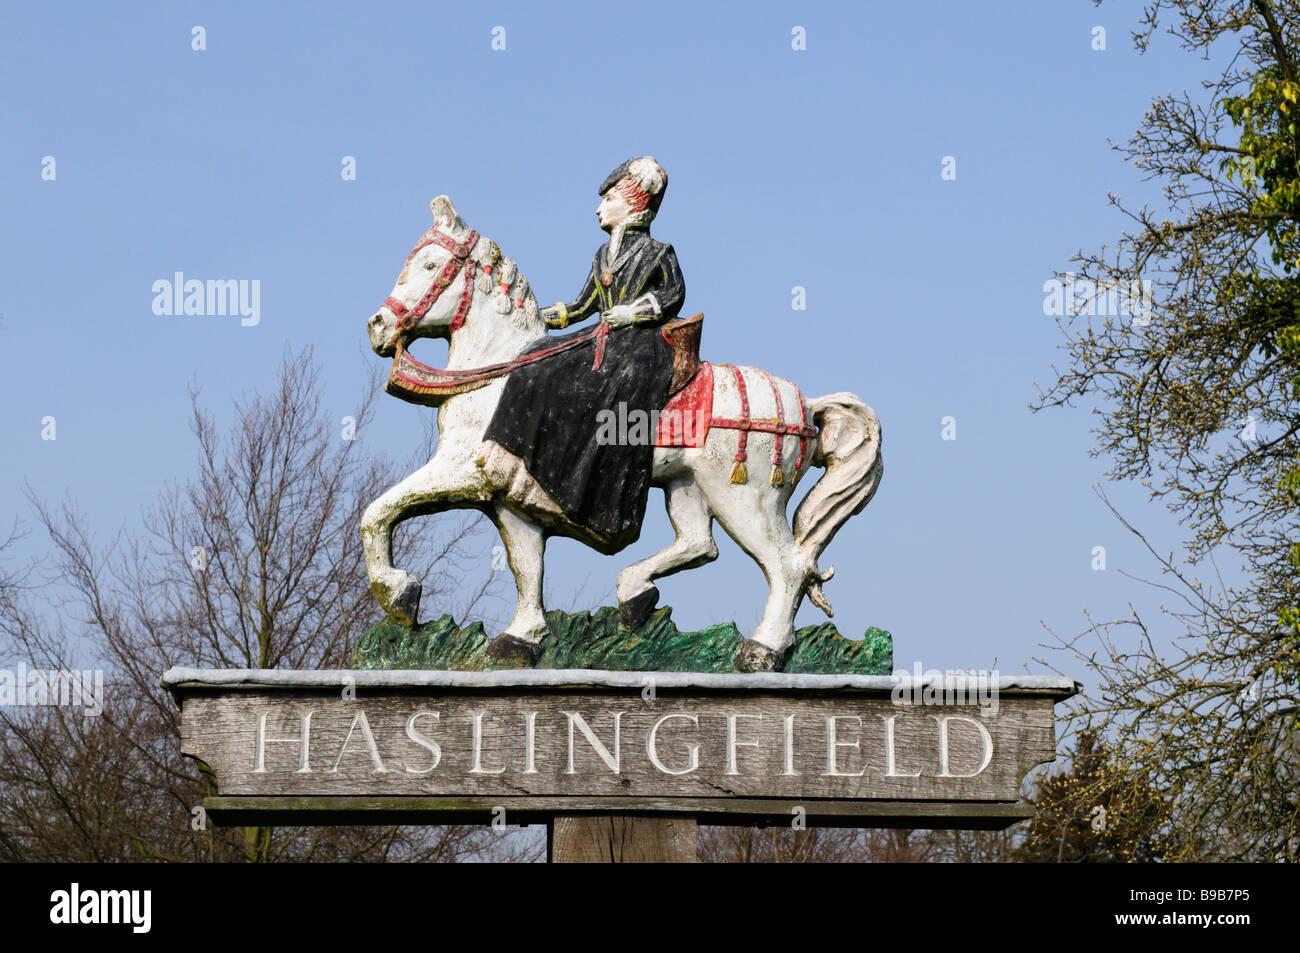 Village Sign, Haslingfield, Cambridgeshire England UK - Stock Image